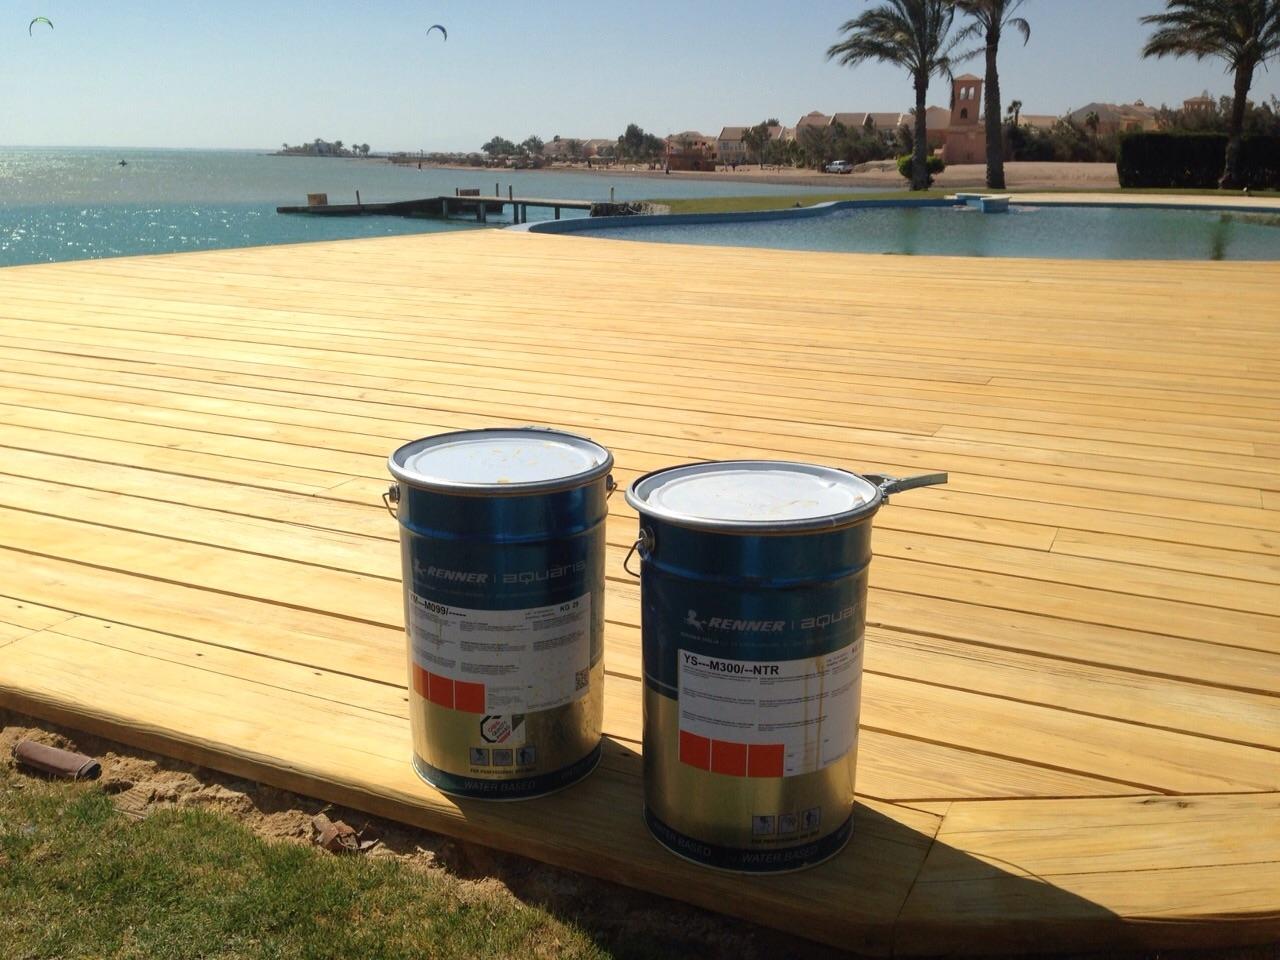 Importation de vernis et peinture pour bois :-Polyuréthane,Nitrocellulosque, Acrylique, Polyester, synthétique, vernis à